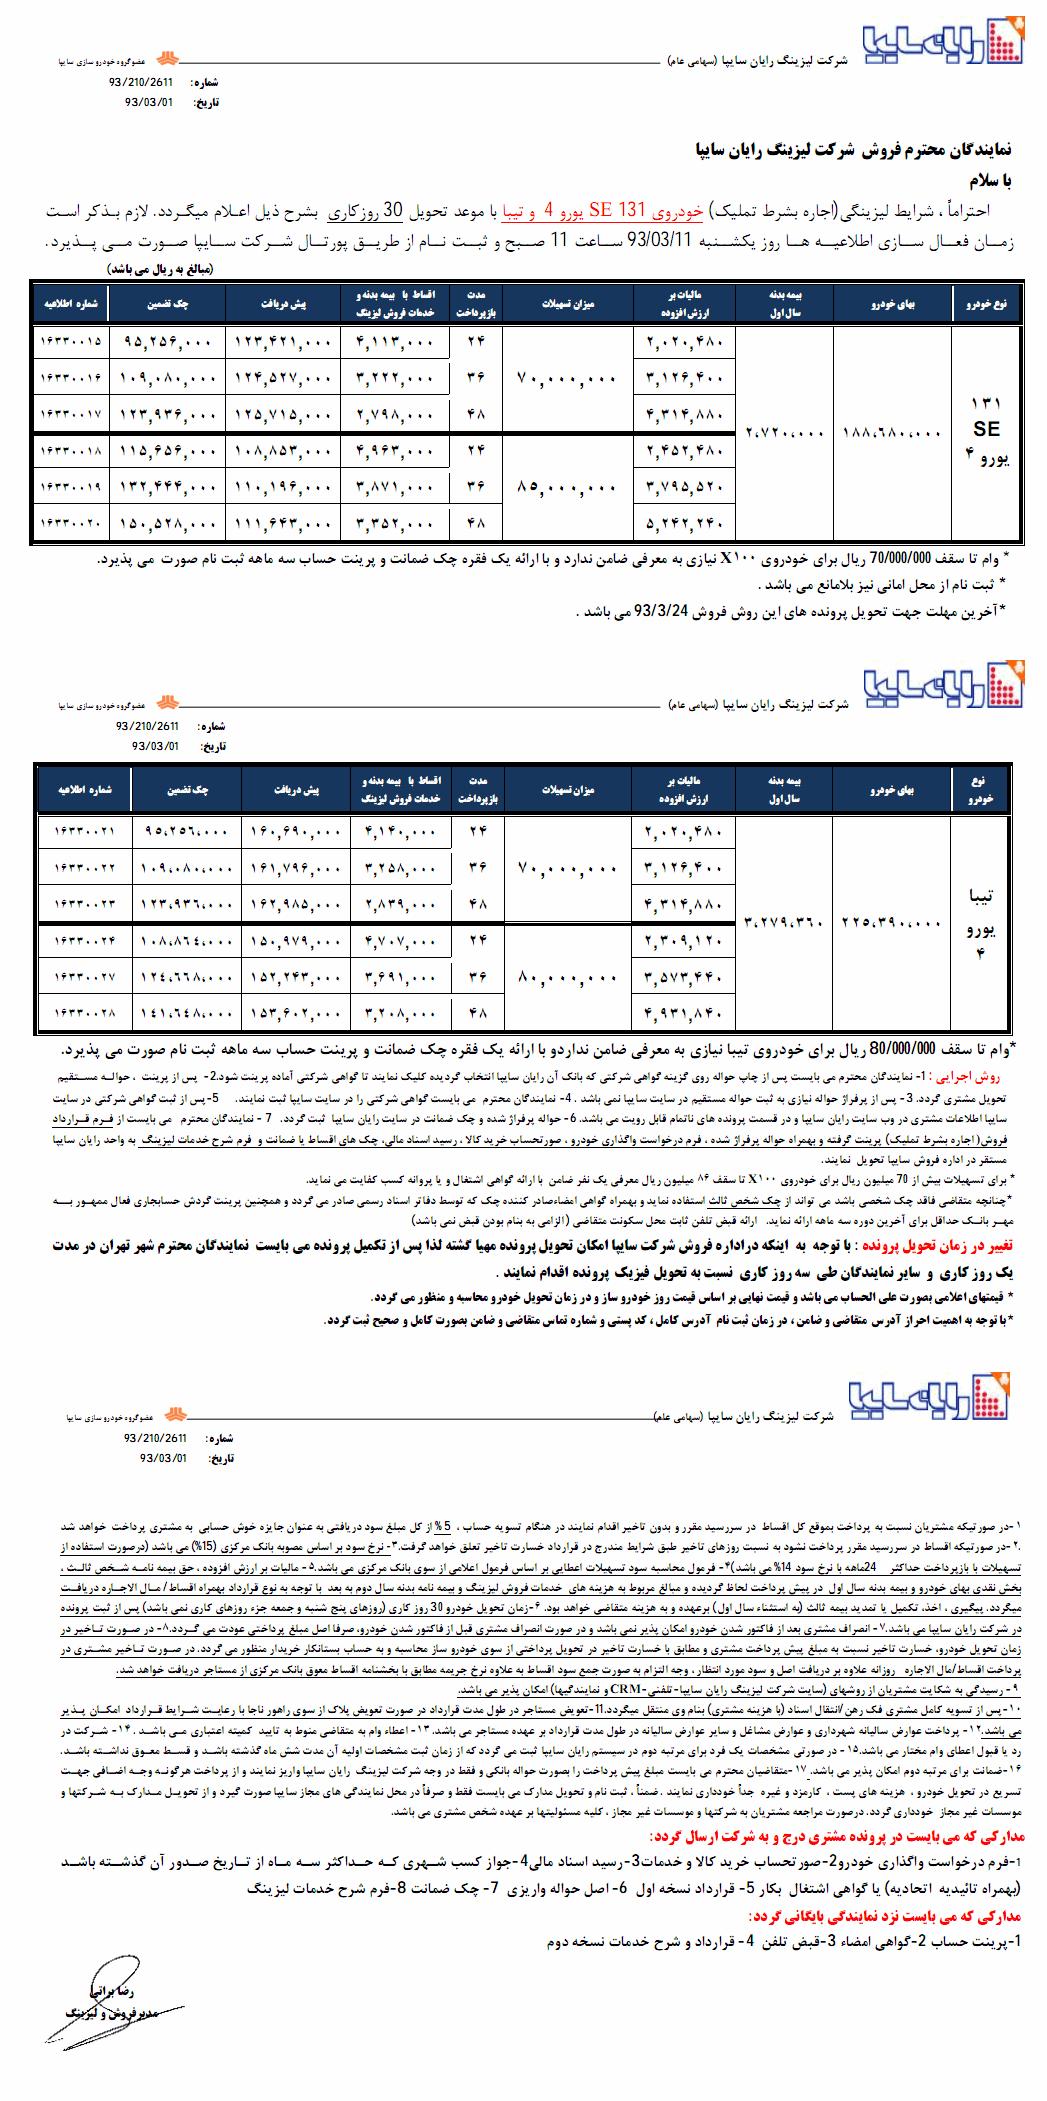 شرایط فروش لیزینگی تیبا SX و سایپا 131 SE